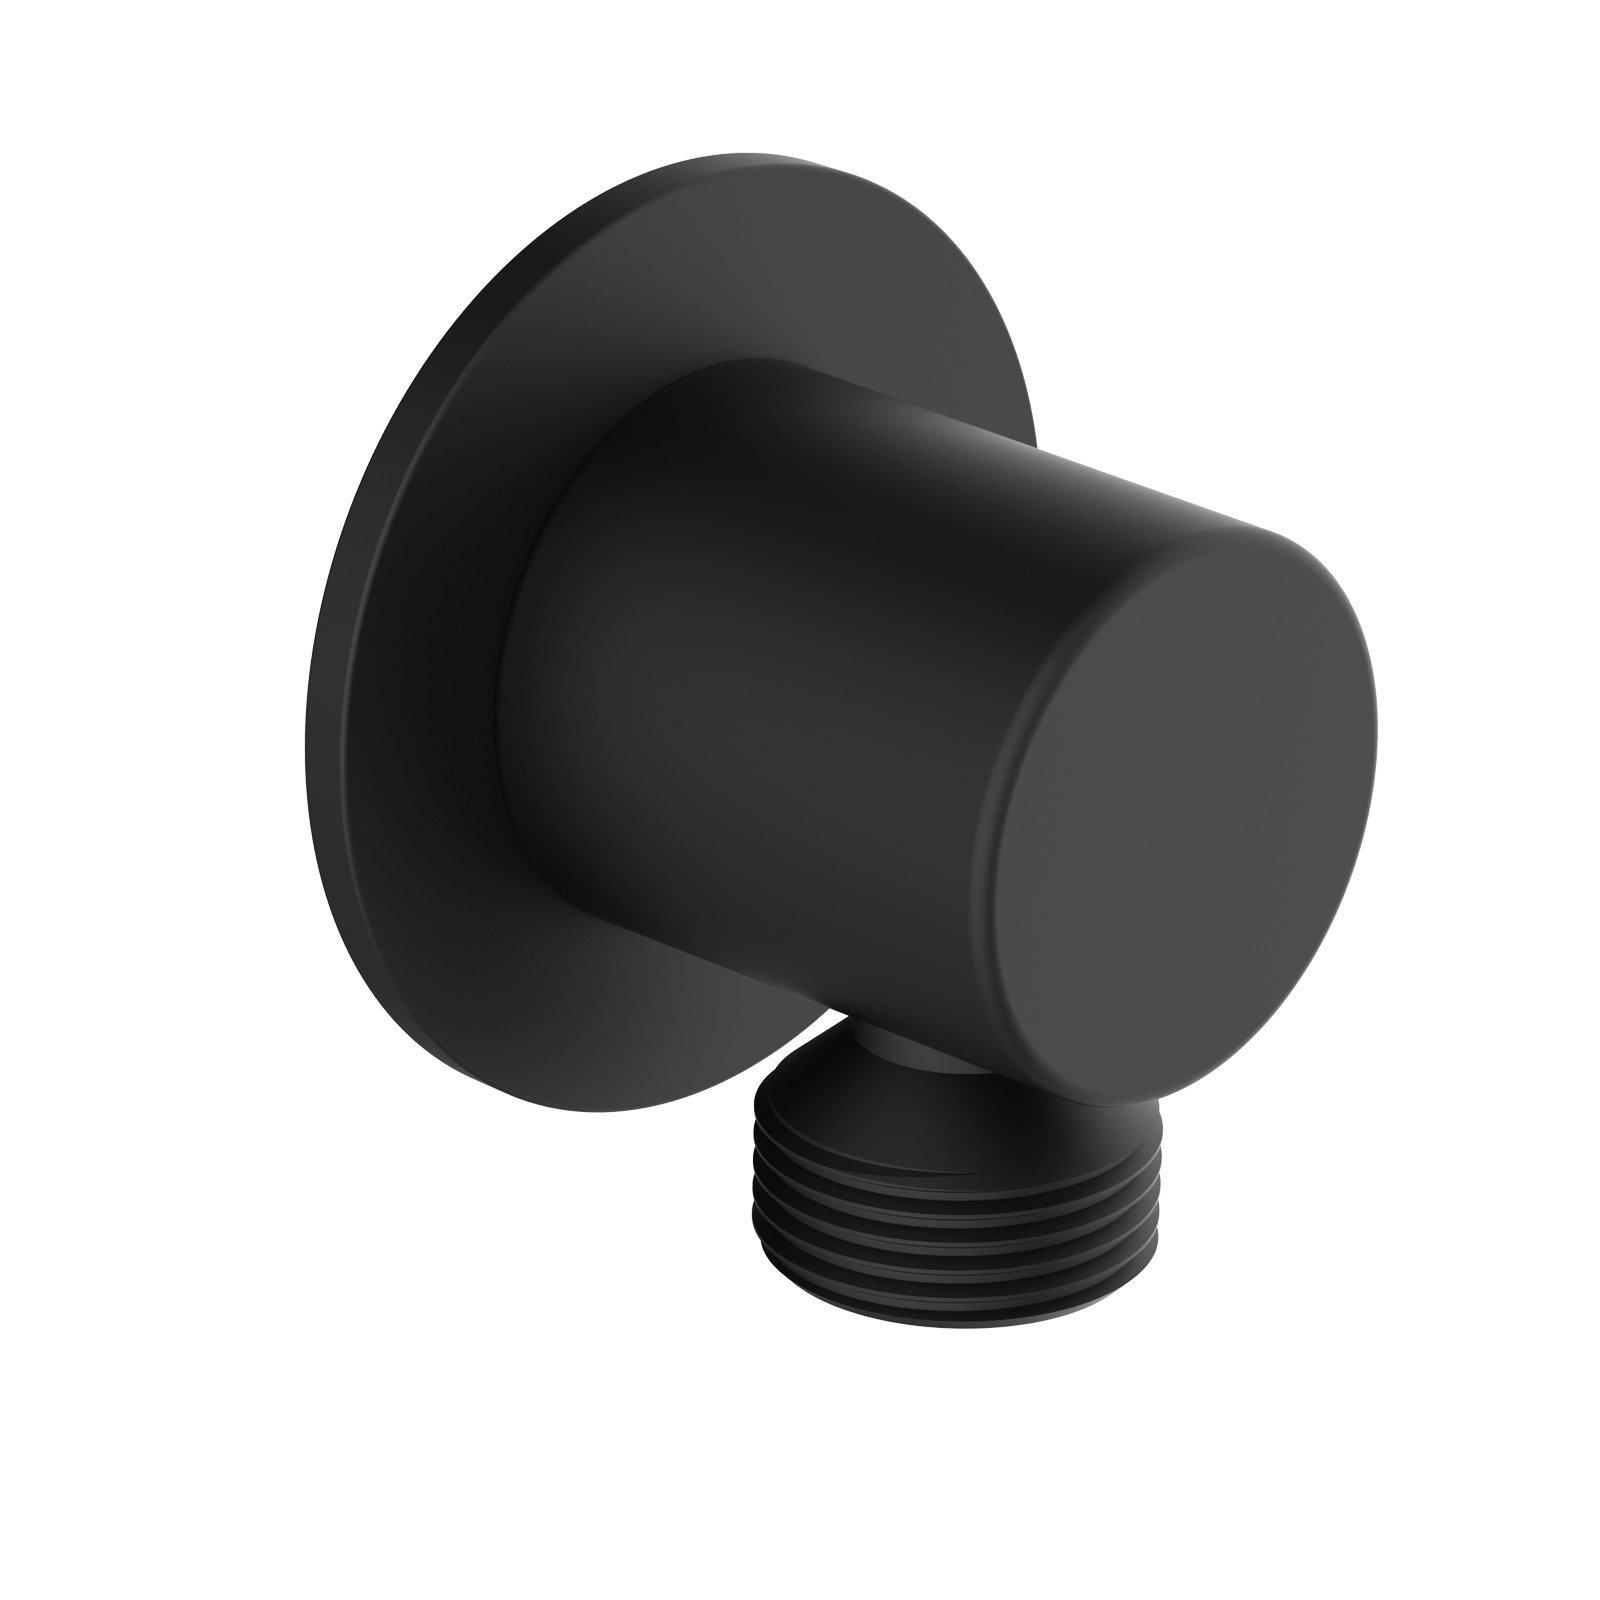 Mondella Matte Black Resonance Round Shower Elbow